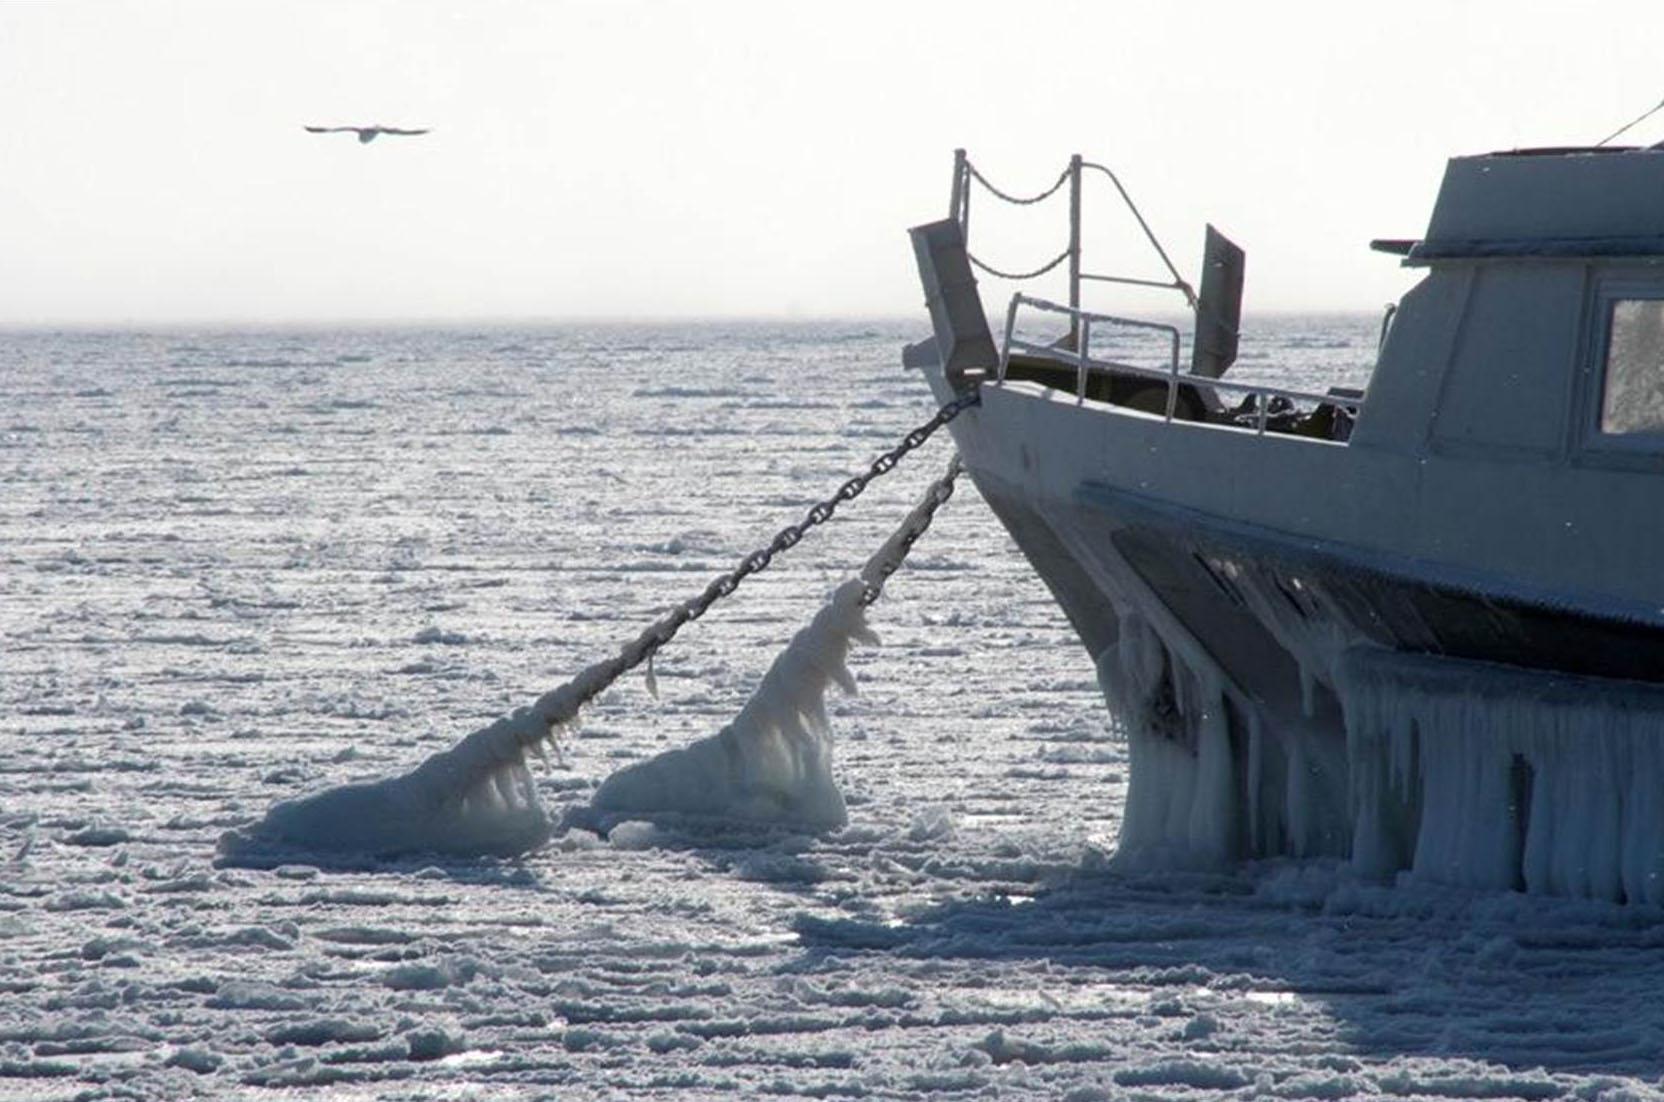 надевайте колготки на каких сайтах смотрят погоду моряки сложенном спрессованном